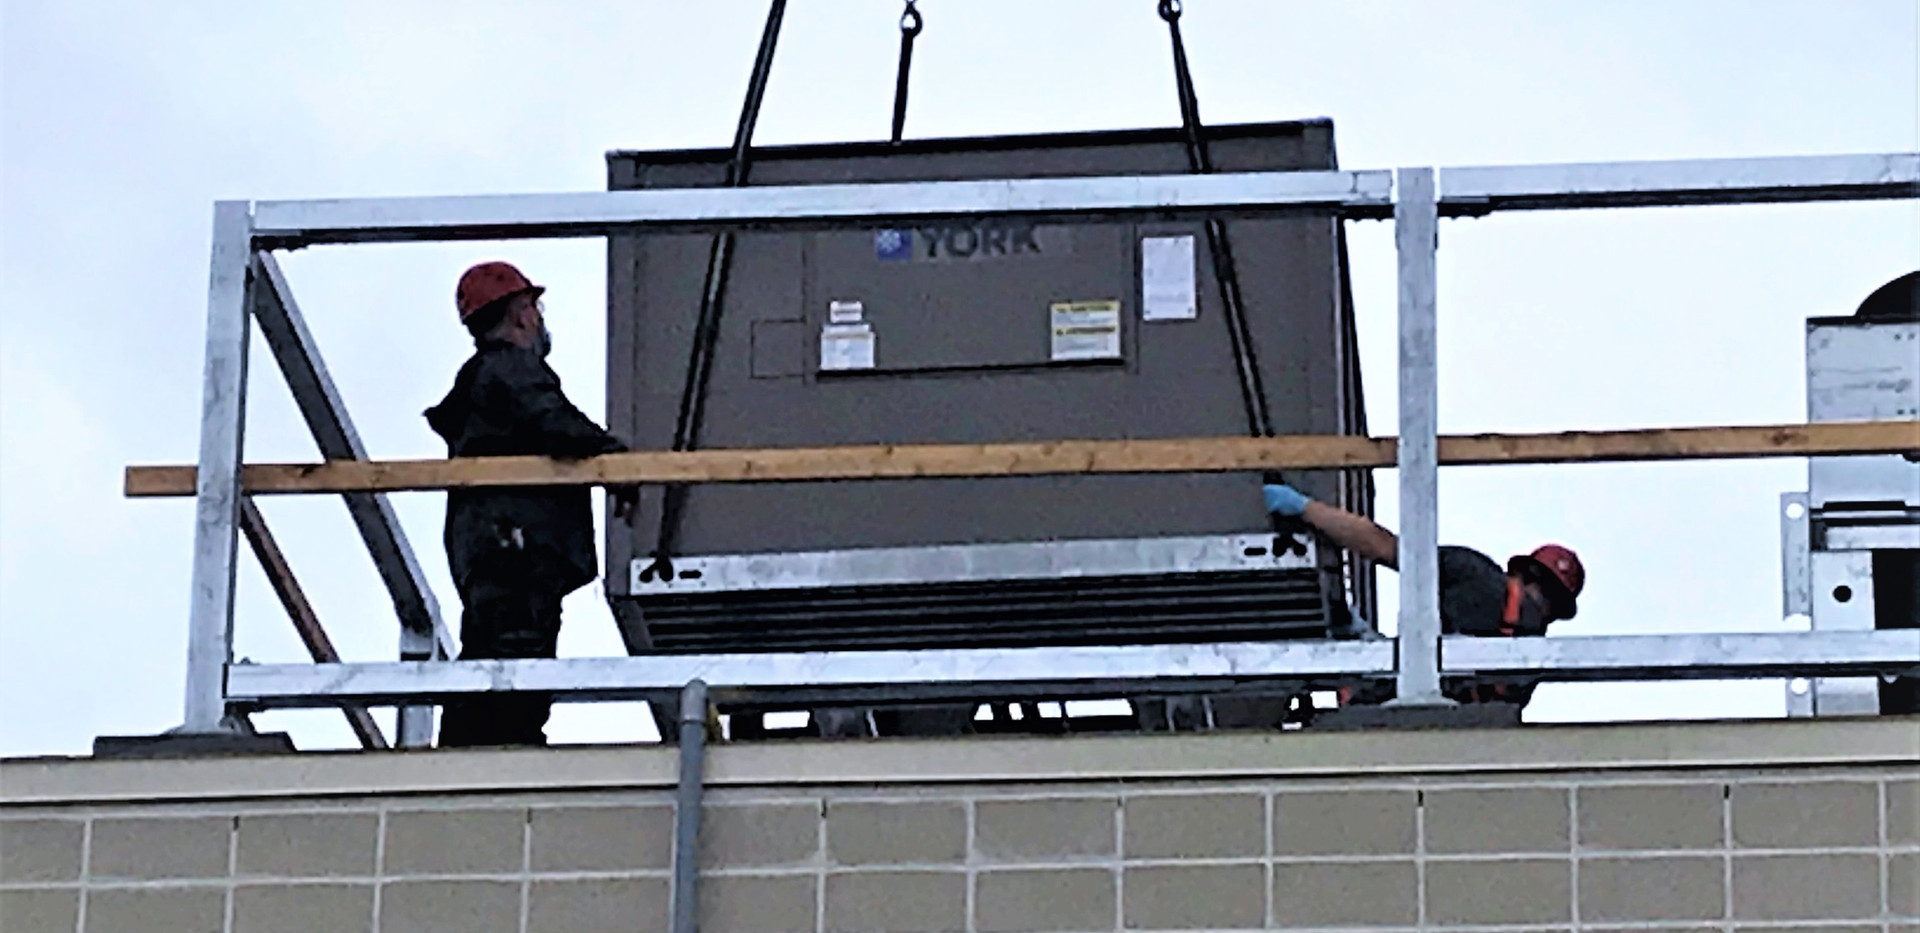 On maximise l'espace en mettant de l'équipement sur le toit.